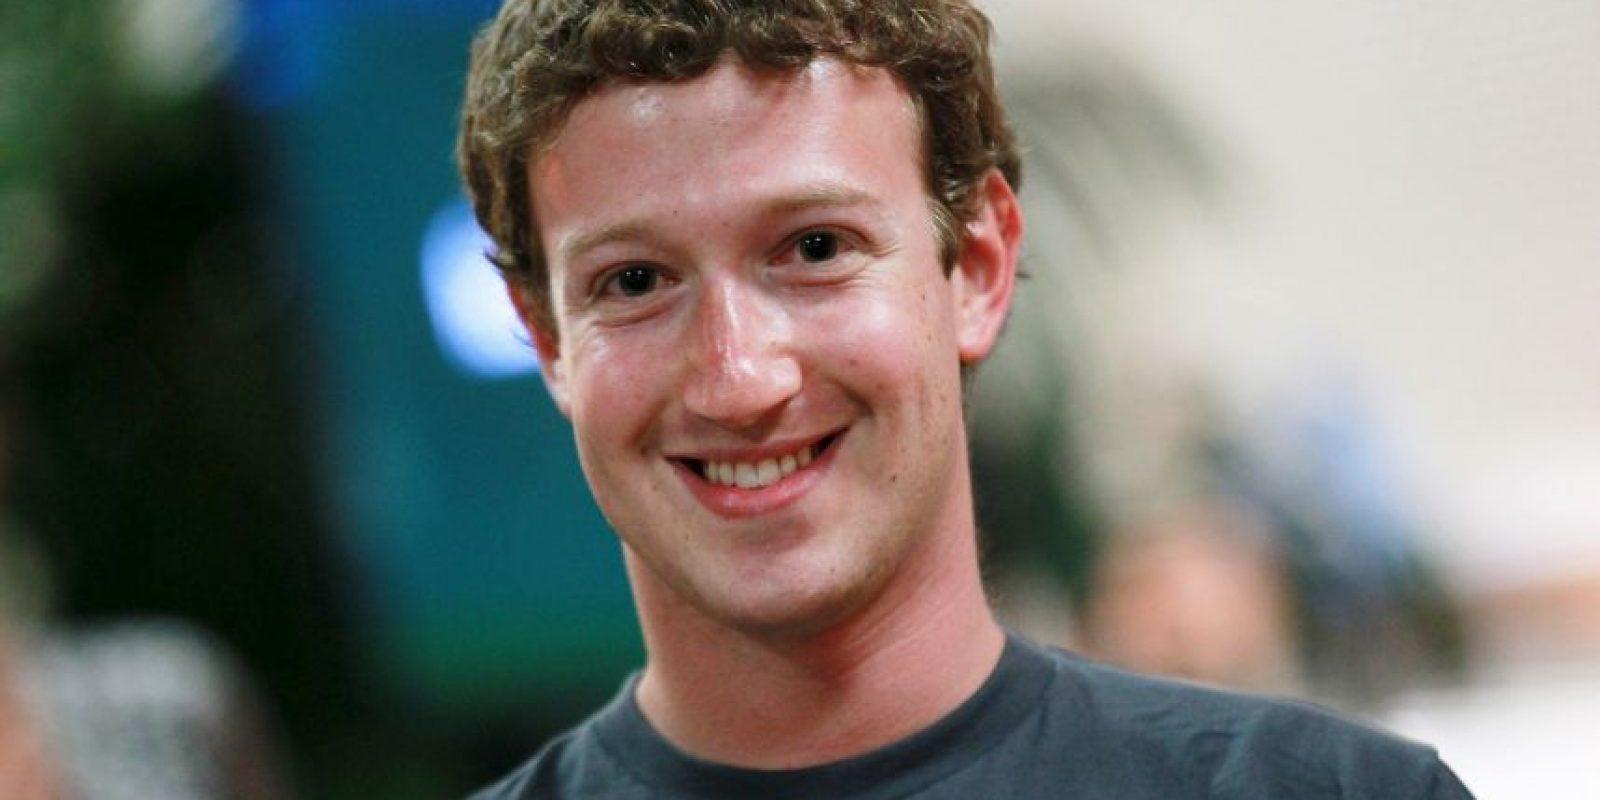 En la foto: Mark Zuckerberg, creador de Facebook. El estudio sugiere que este tipo de personas pueden transmitir mediante su cara características de ambición. Foto:Getty Images